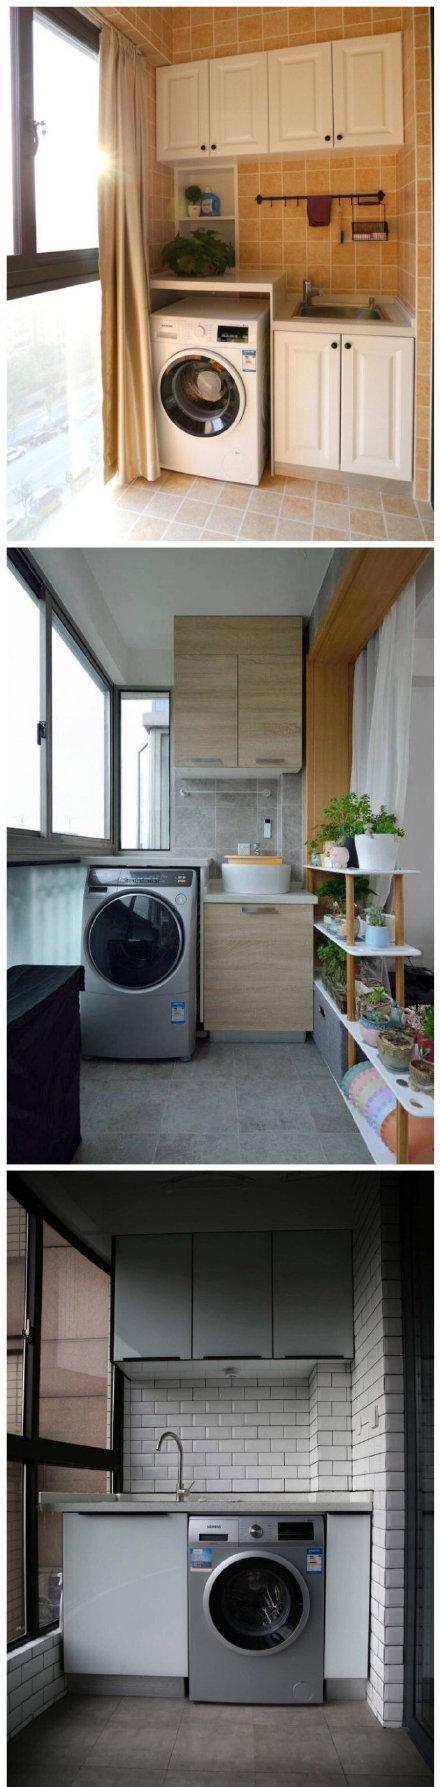 阳台洗衣机设计装修效果图